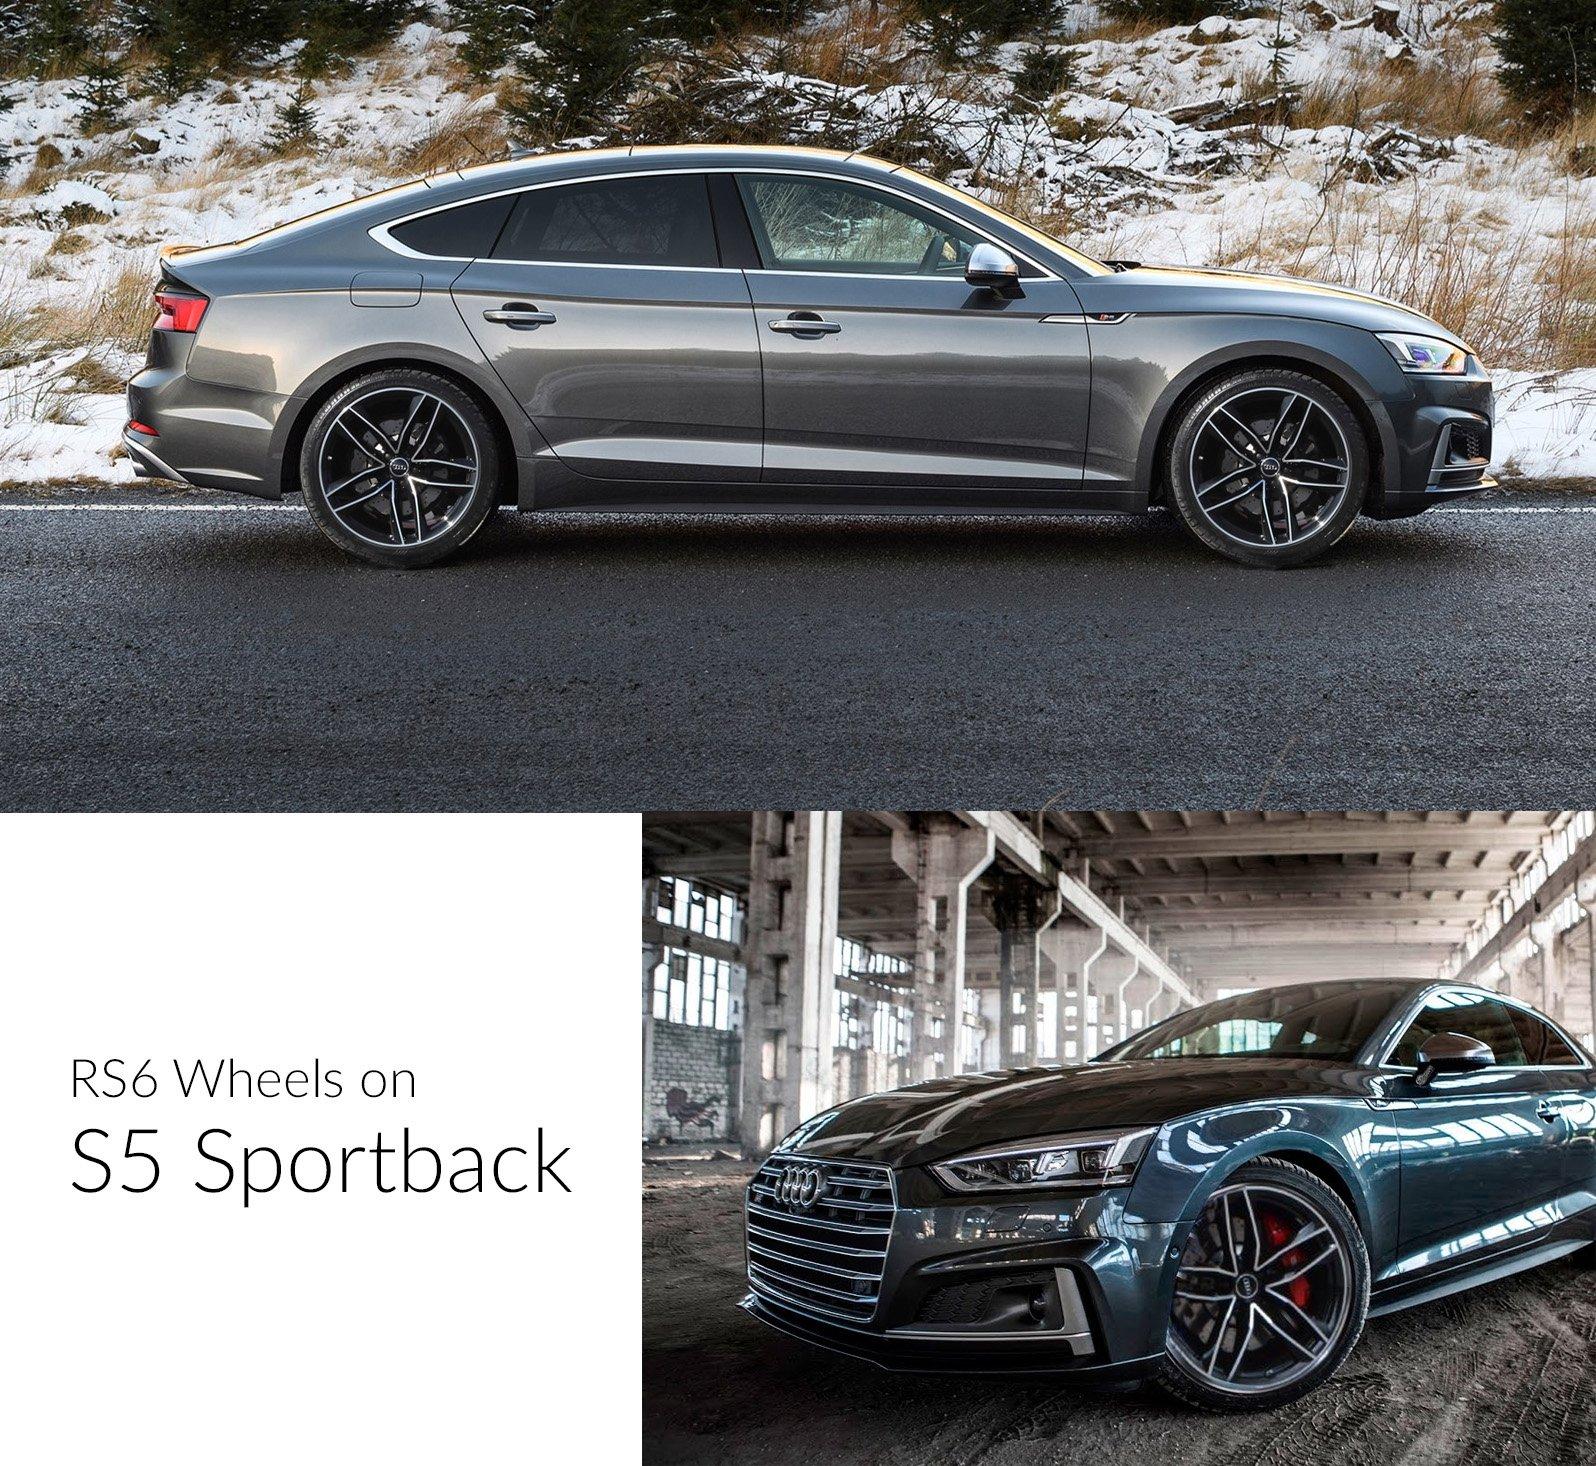 RS6 Wheels on S5 Sportback.jpg